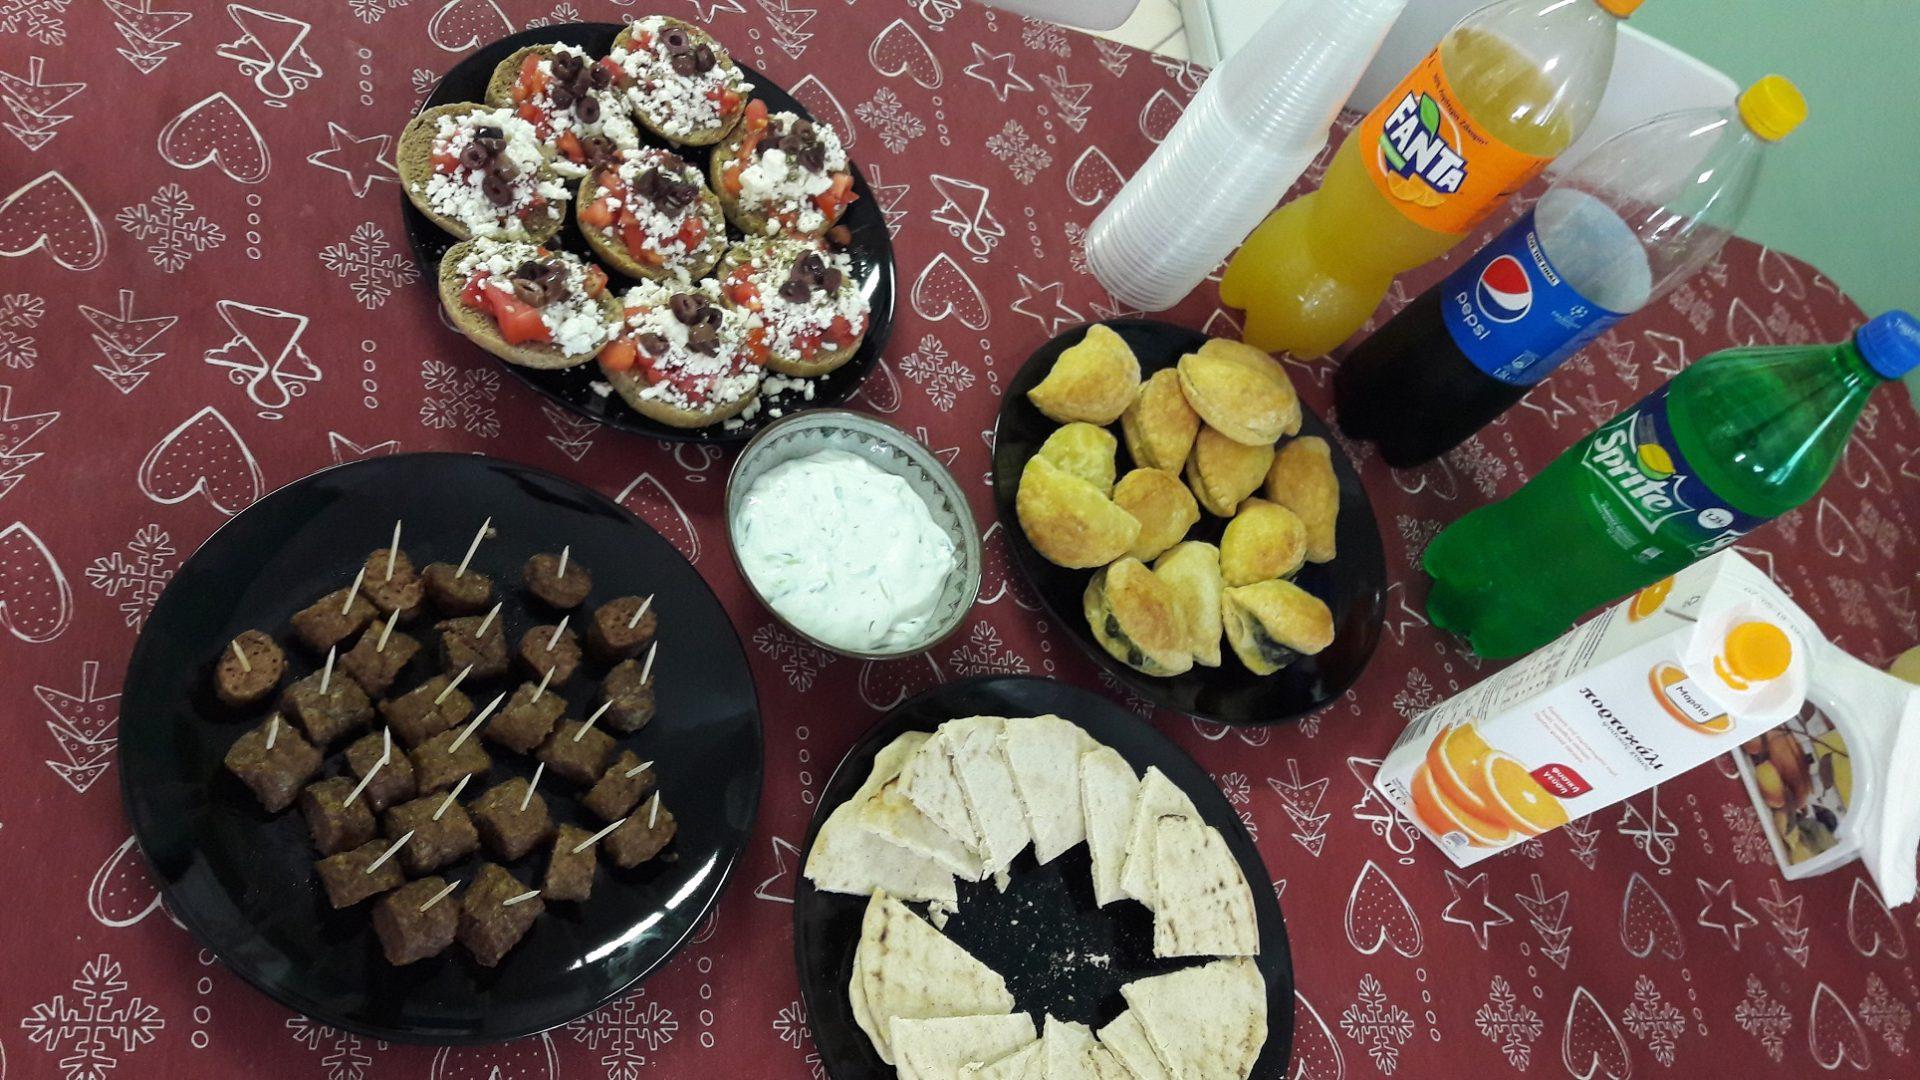 greekfest-food